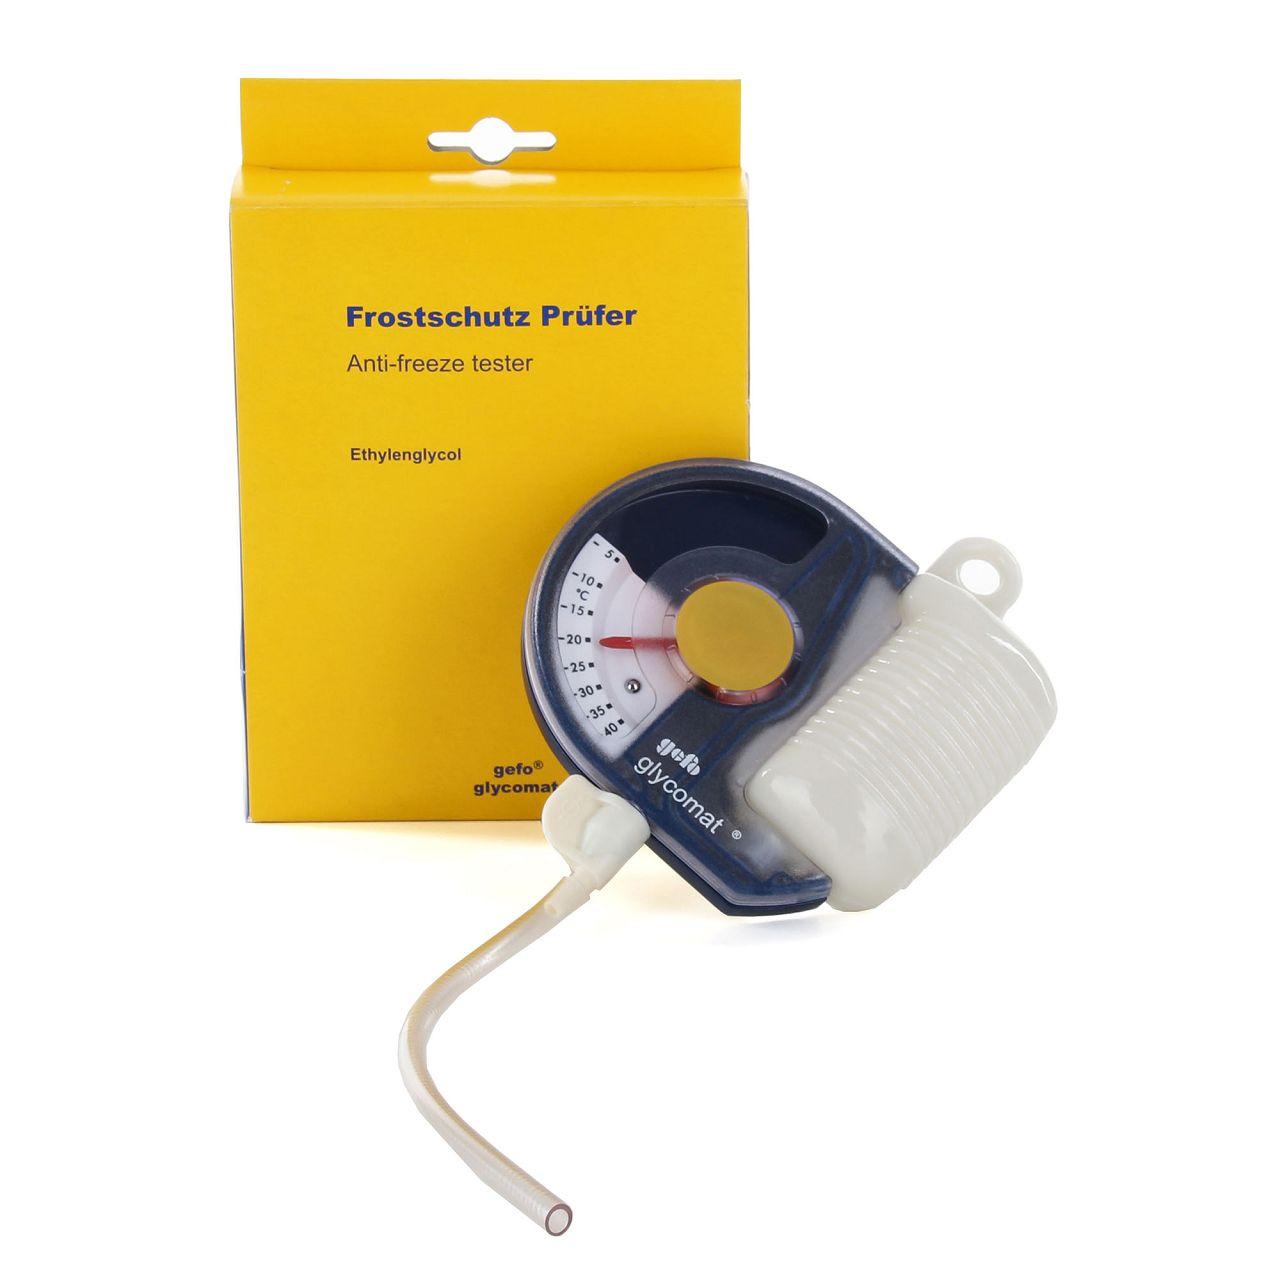 GEFO 1100 Frostschutzprüfer GLYCOMAT Kühler Frostschutz Tester